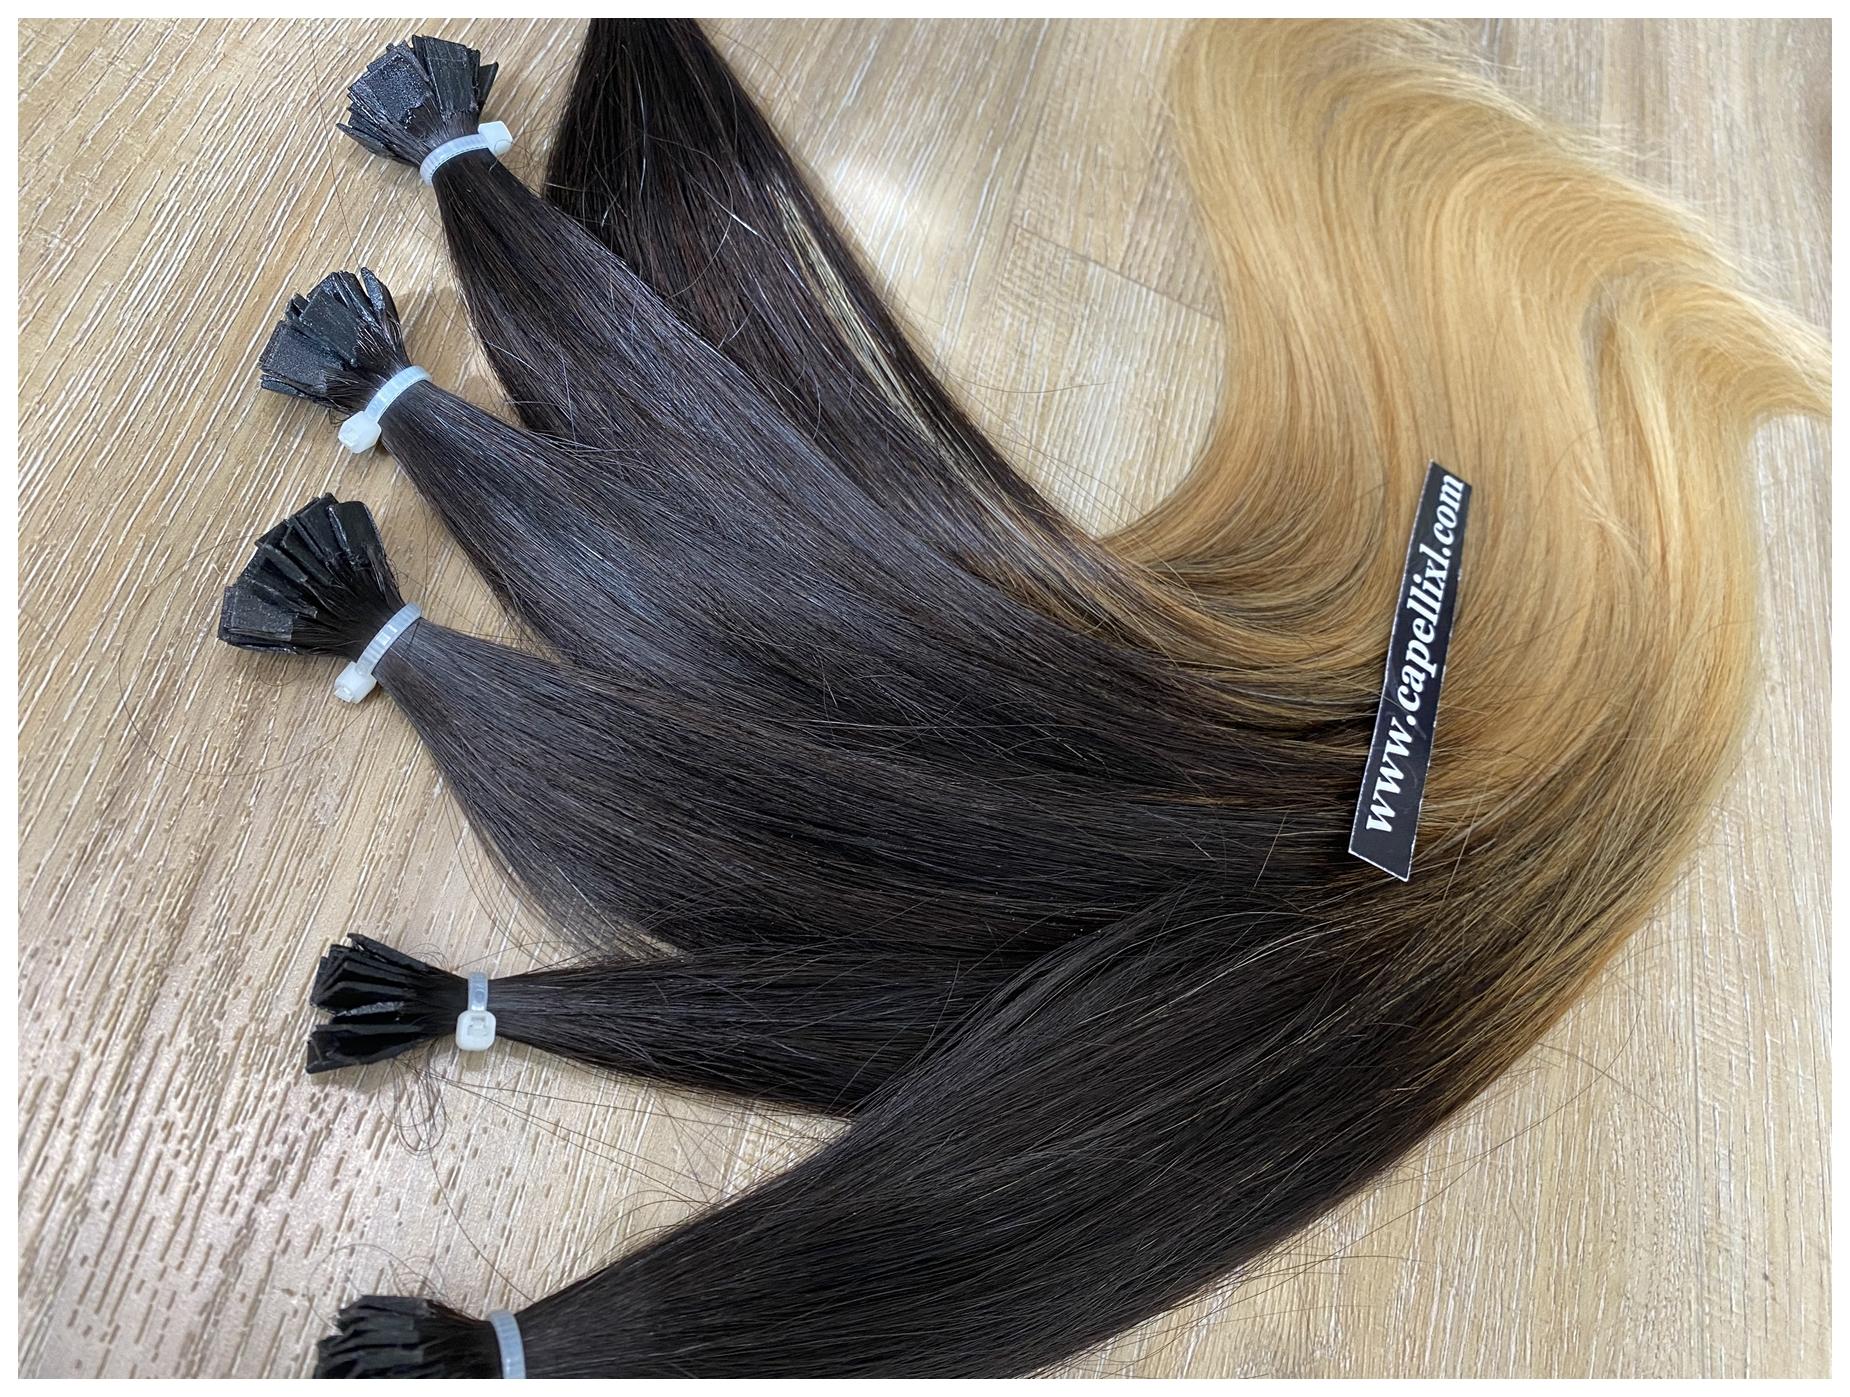 Ciocche di capelli veri colore balayage Sfumatura base castano scuro punte colore biondo dorato